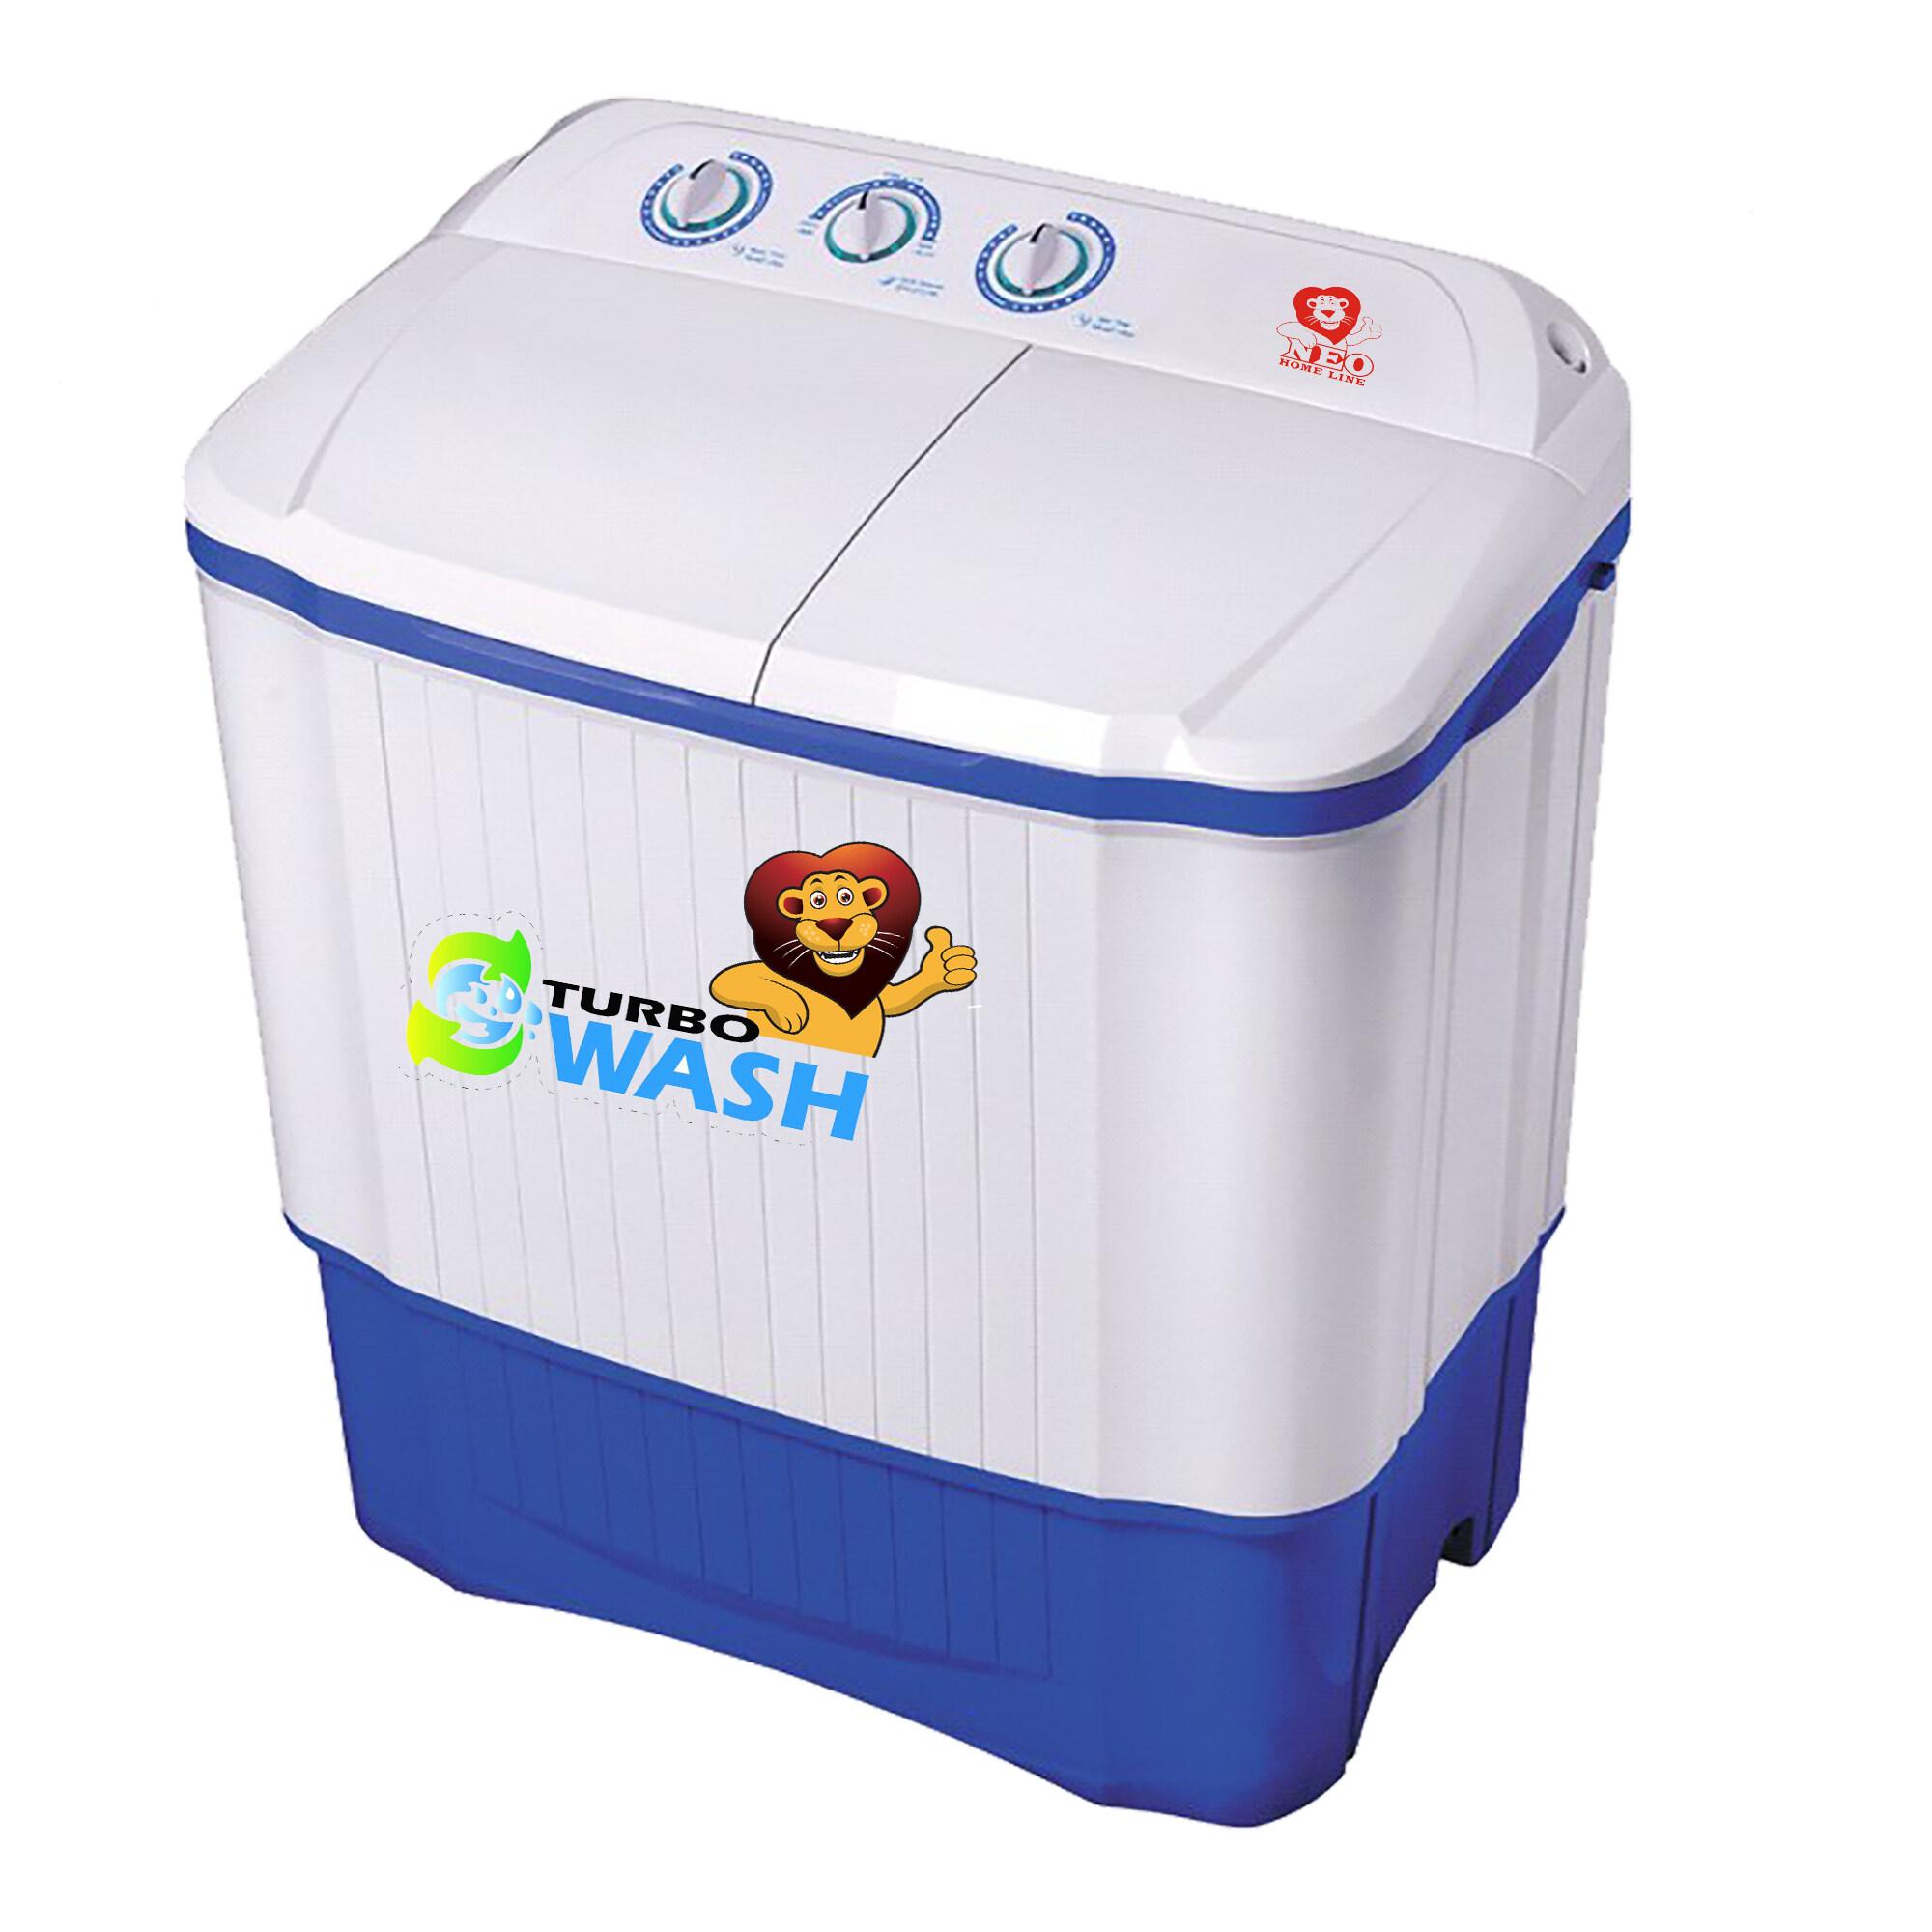 ลดส่งท้ายปี เครื่องซักผ้า Konion Sale -20% Konion เครื่องซักผ้ามินิฝาบน (3 kg) รุ่น XPA75-11B(สีน้ำเงิน) , 11P(สีม่วง) ร้านค้าเชื่อถือได้